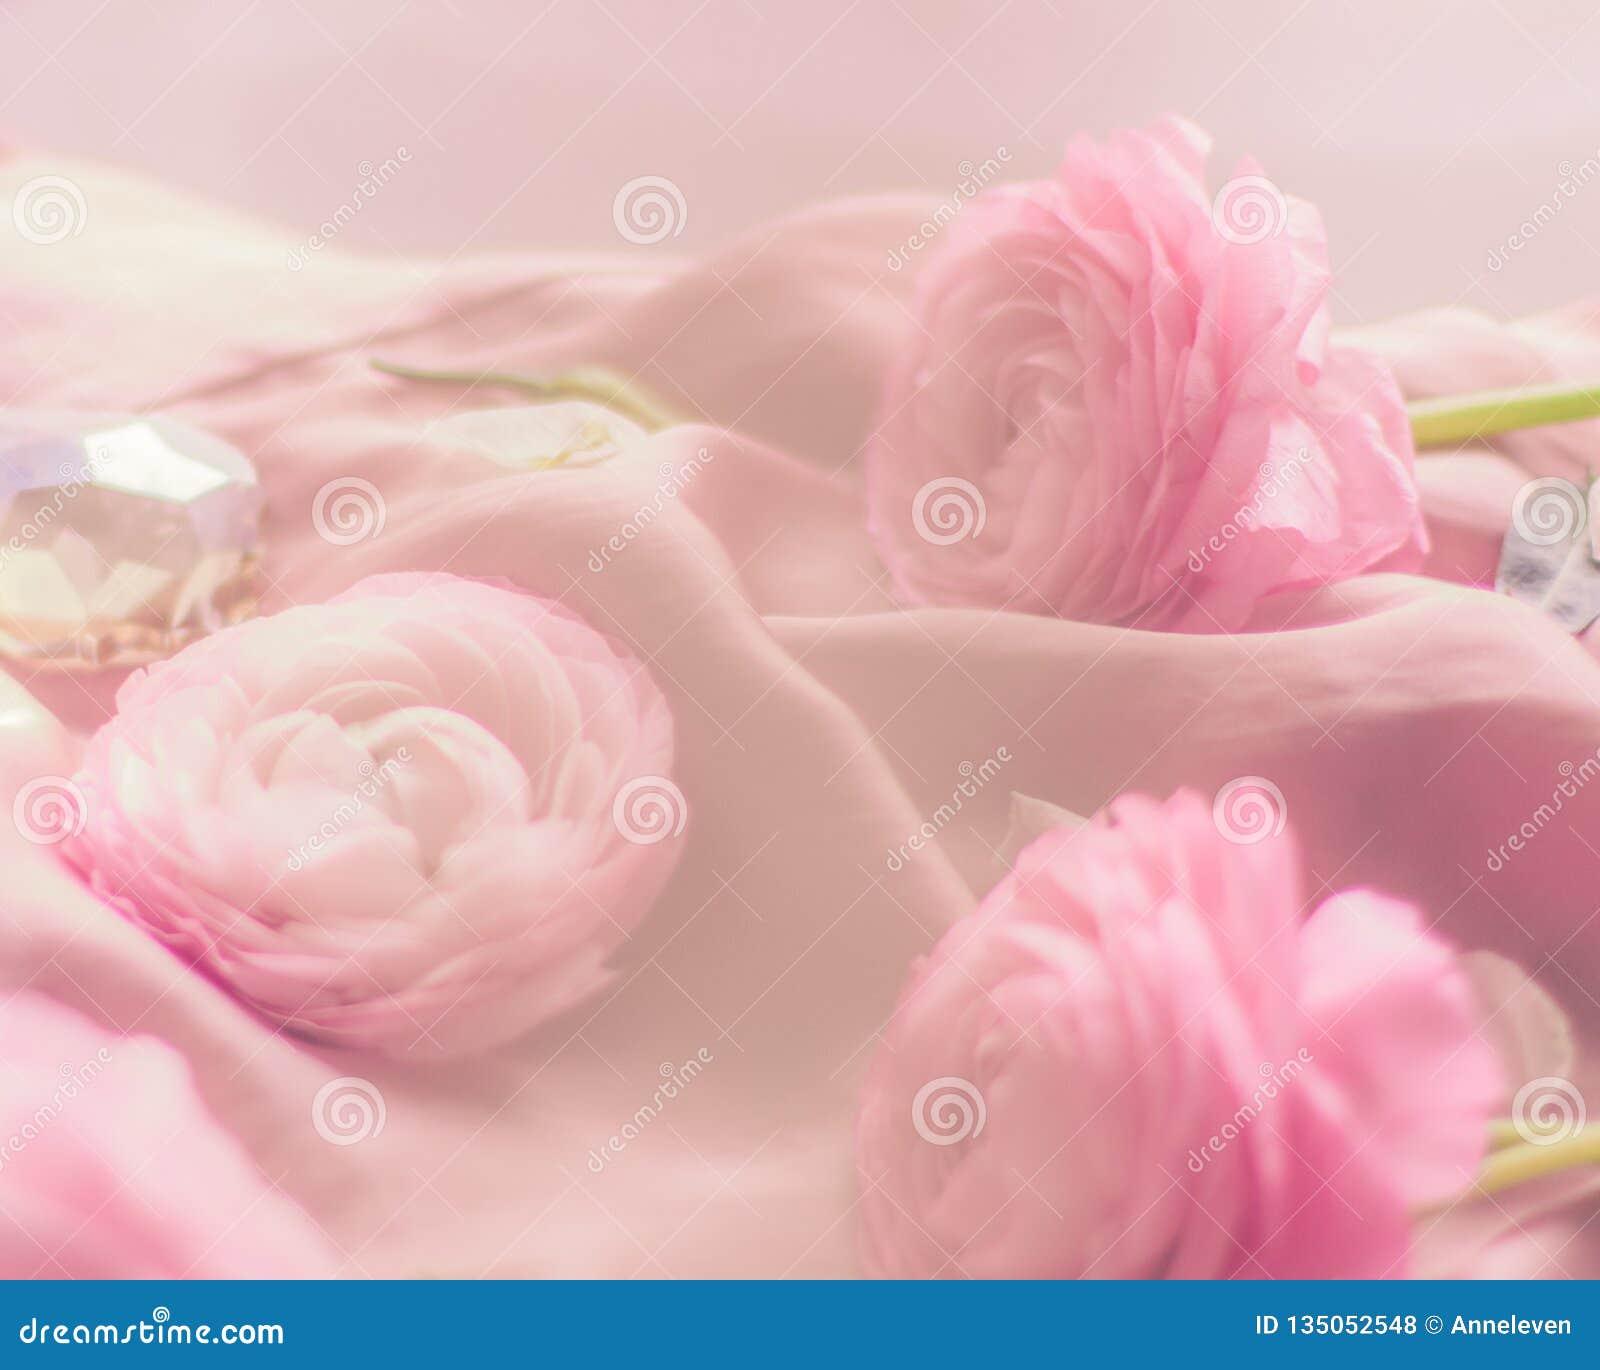 Rosa rosafarbene Blumen auf weicher Seide - Hochzeit, Feiertag und Blumenhintergrund angeredetes Konzept